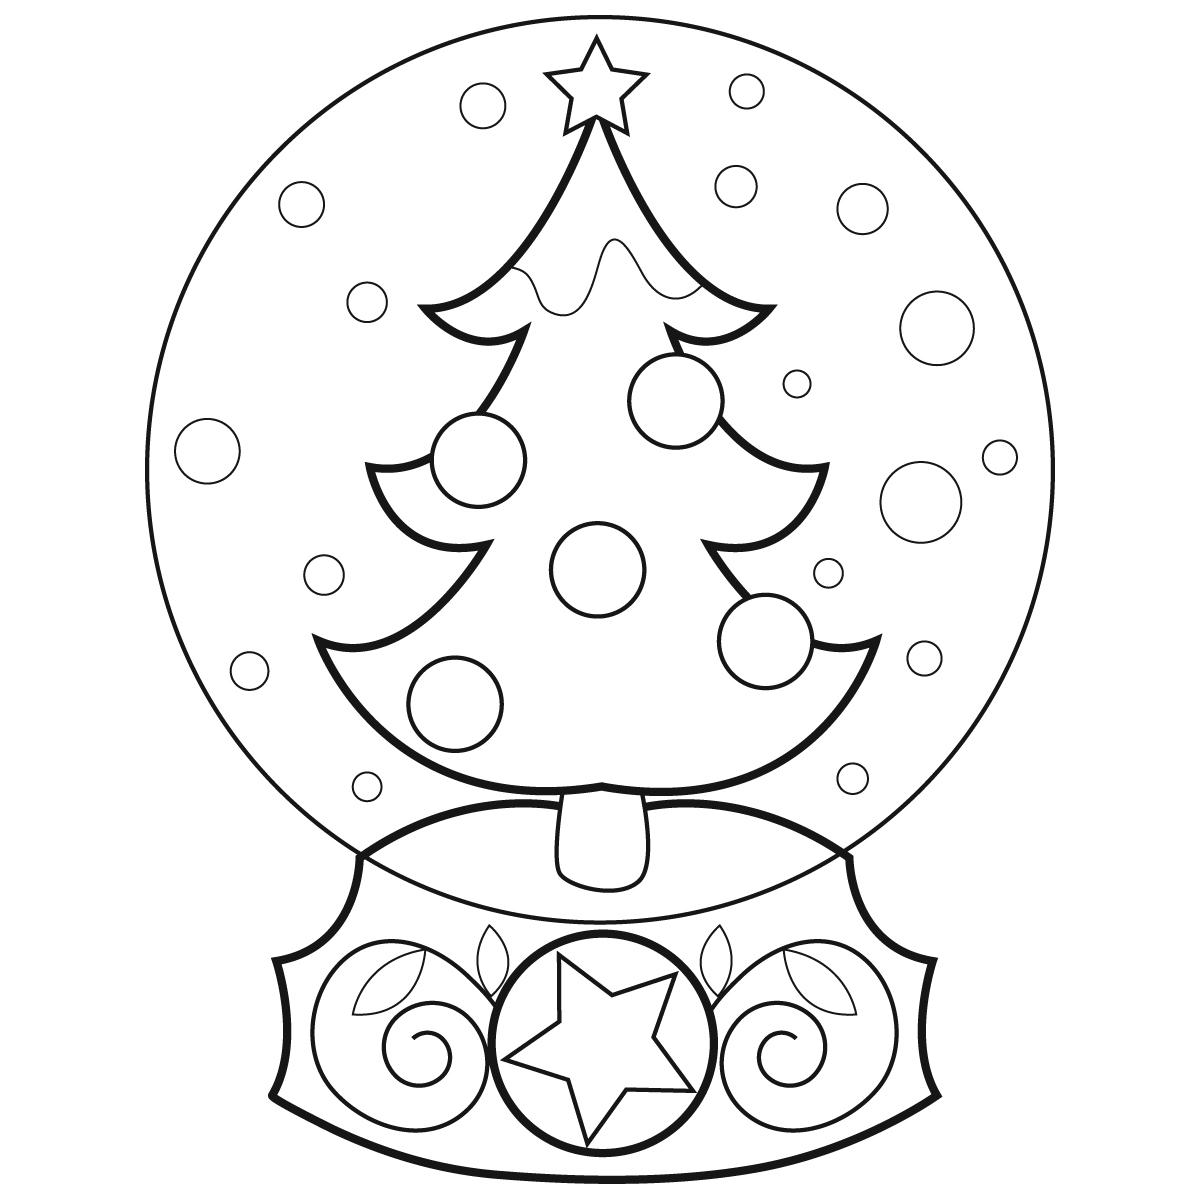 Marisa Straccia Snow Globe Designs